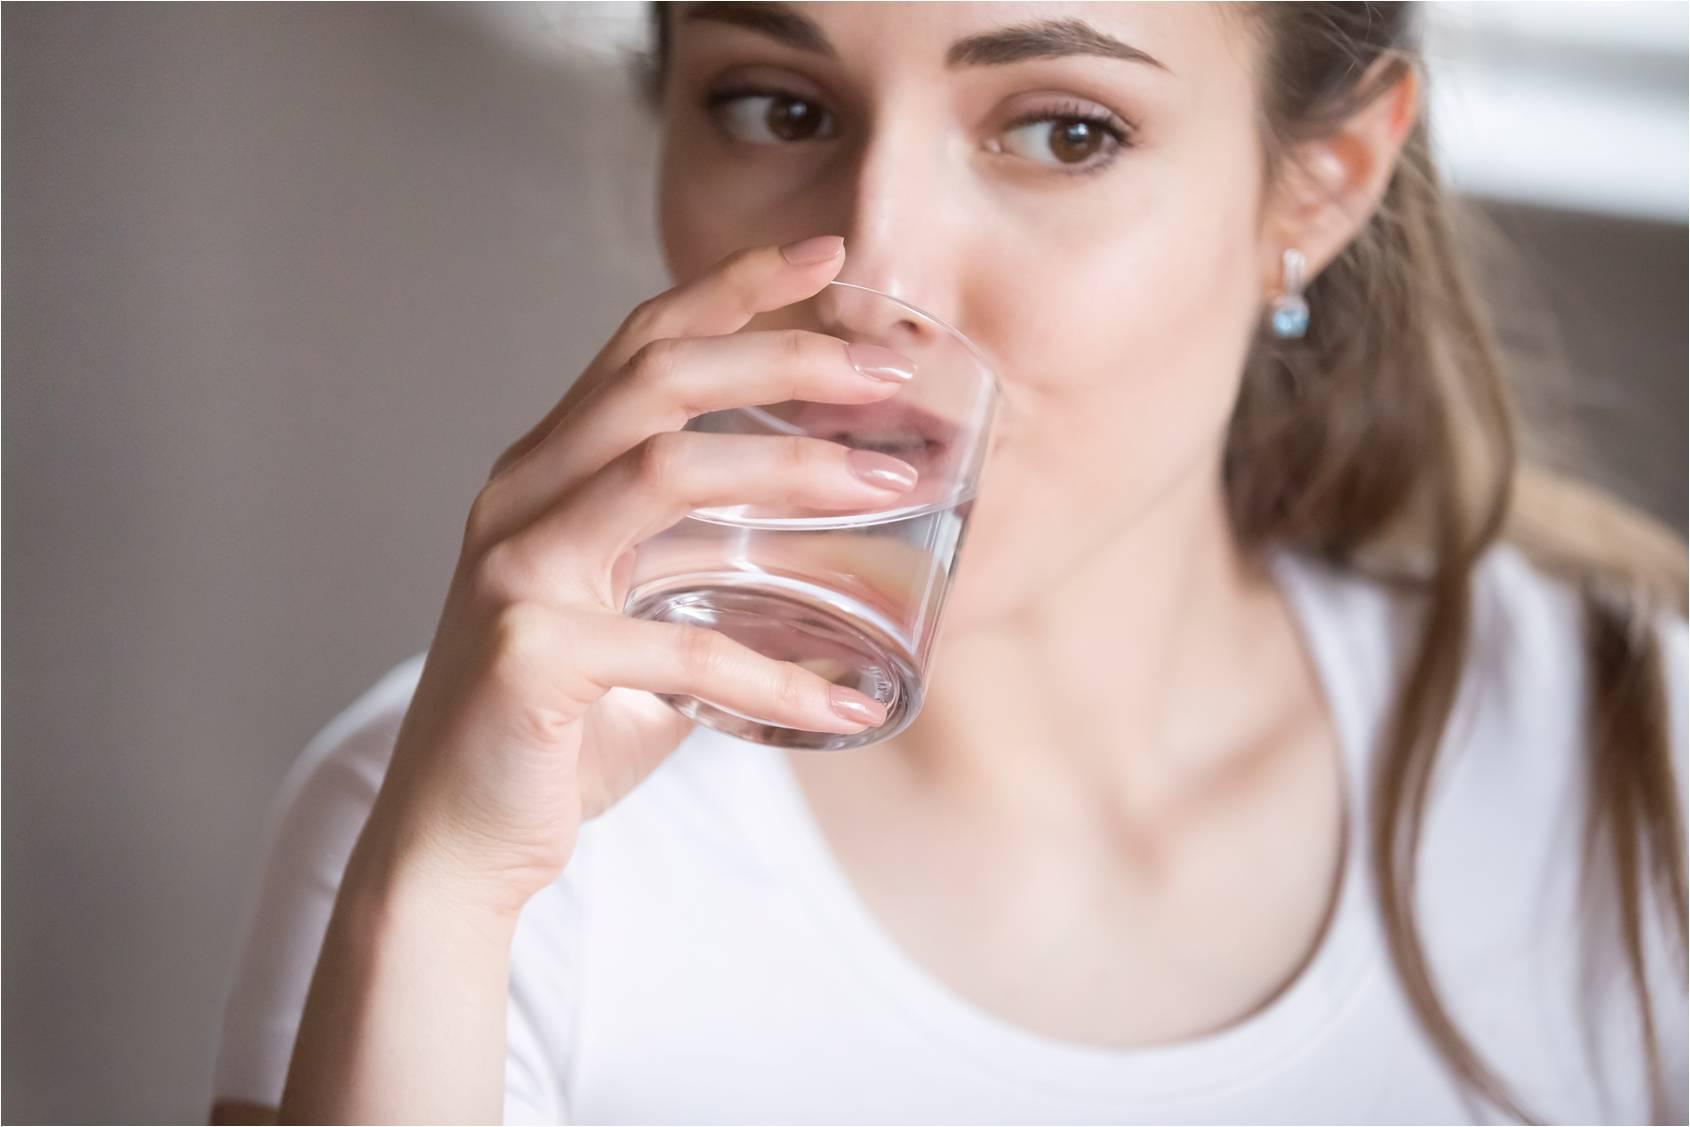 Mennyi ivóvizet fogyasszunk, hogy egészségesek fittek maradjunk?